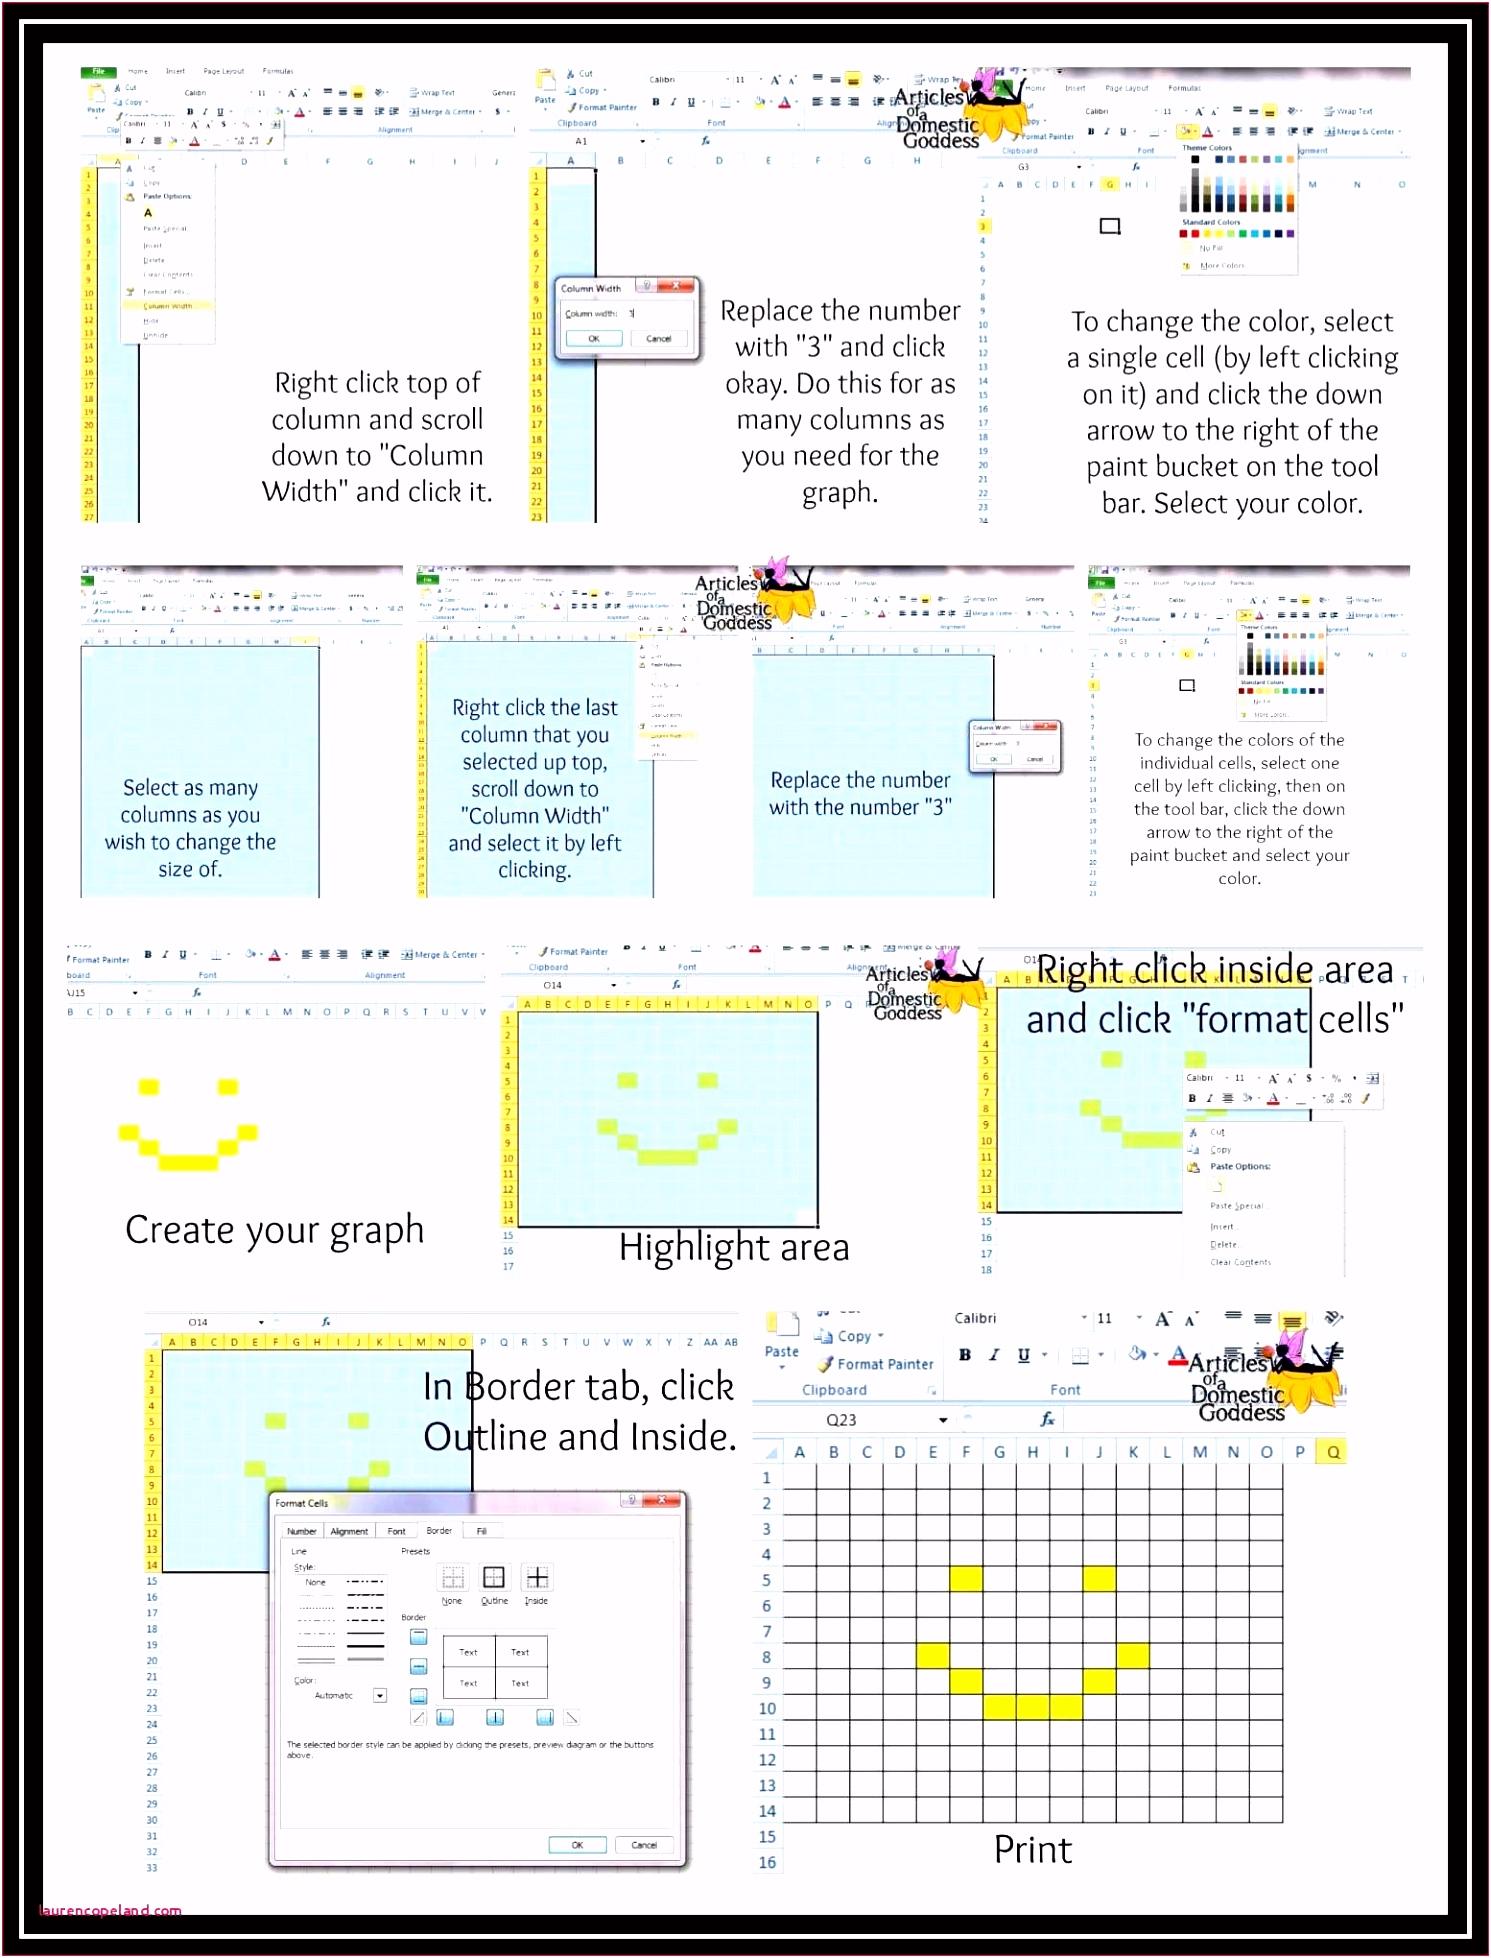 Dienstplan Kita Vorlage 45 Luxus Bilder Excel Dienstplan Vorlage Liberodiscrivere F3qj35s5s3 G5jvmuuqpu